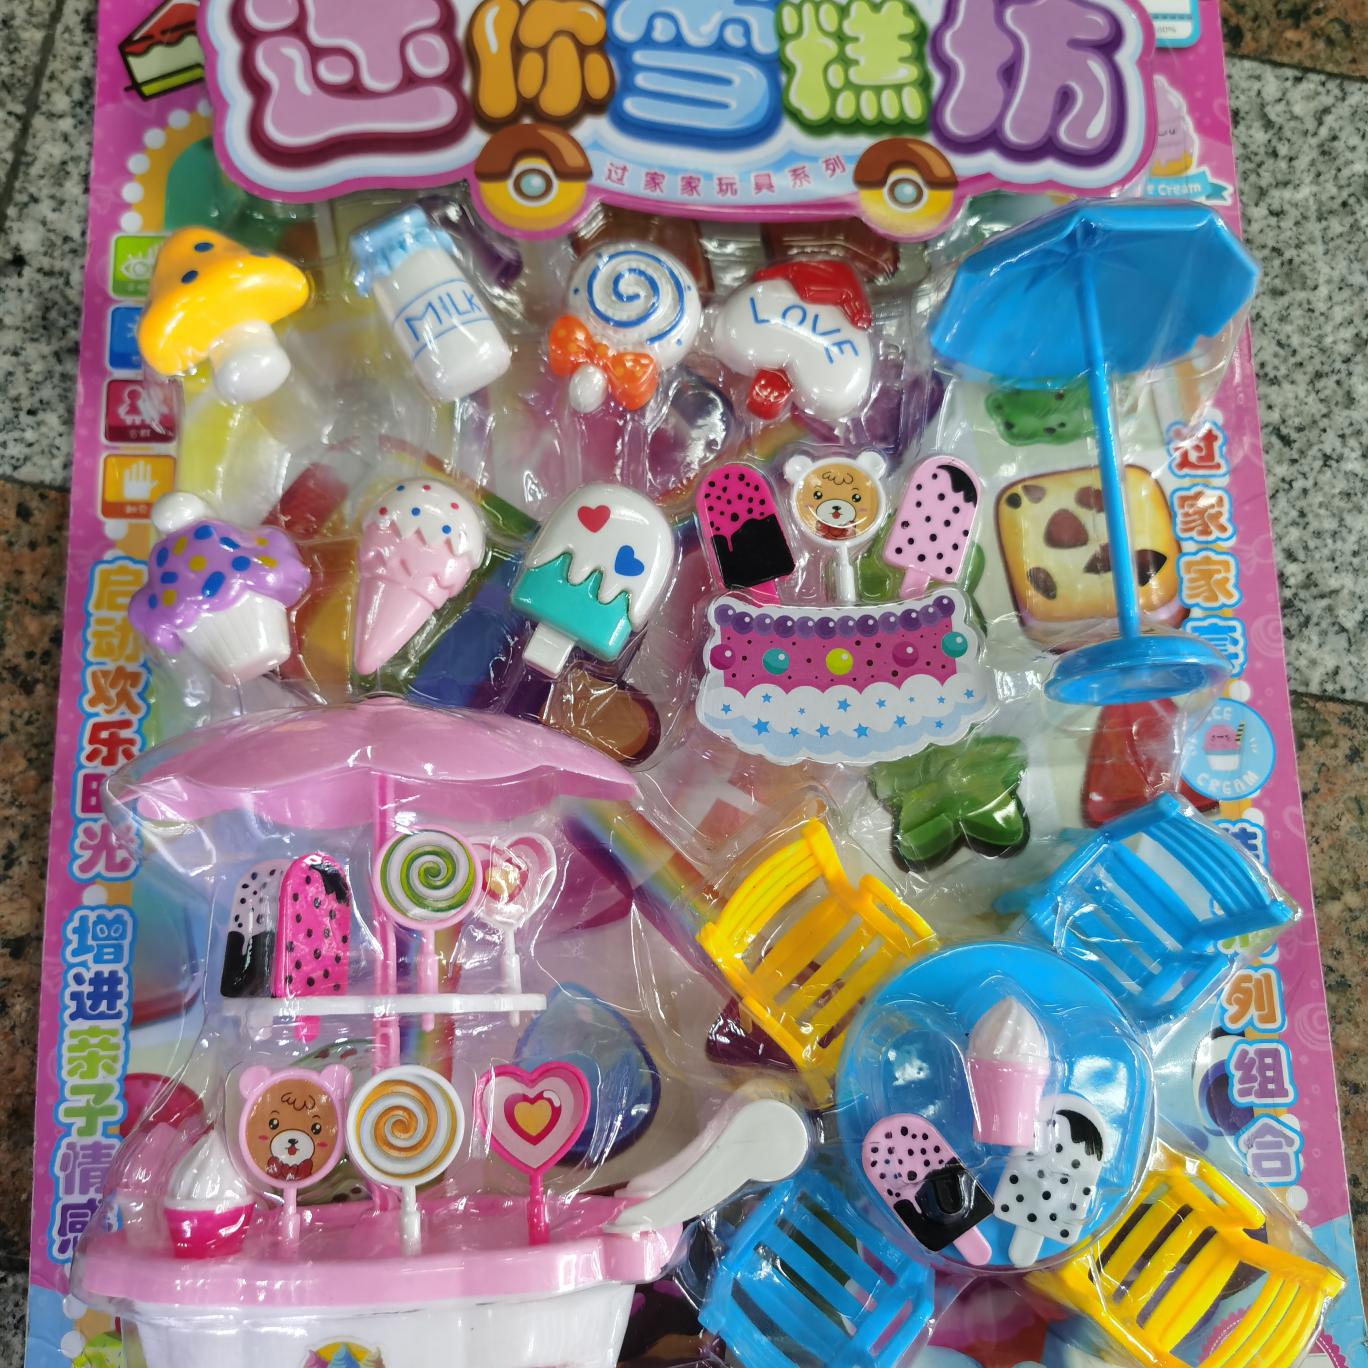 塑料玩具,乐夏日萌乐机玩具系列。